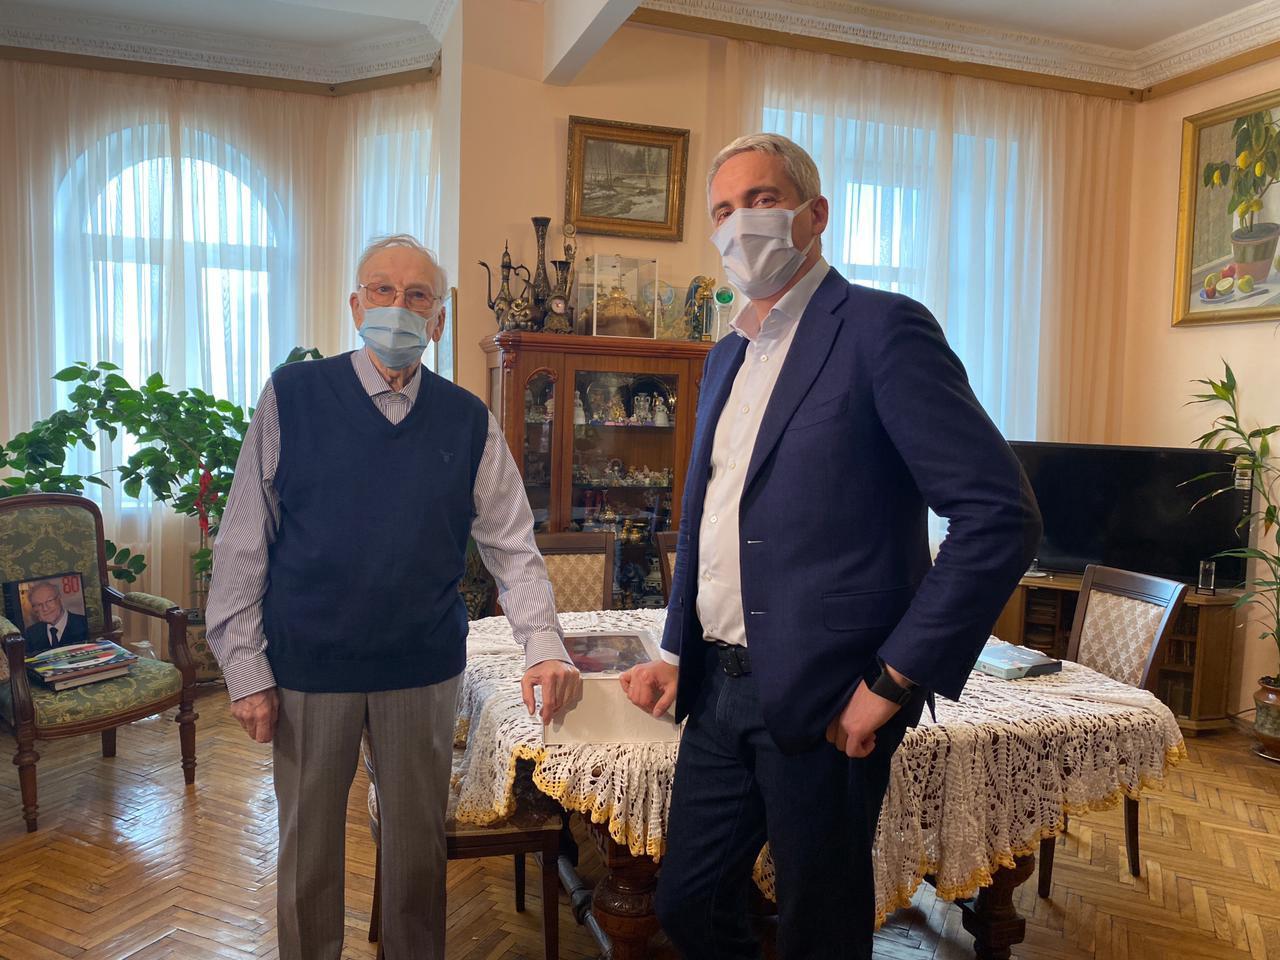 Член ОП Нифантьев поздравил диктора Игоря Кириллова с Днем радио. Фото: Галина Бродская